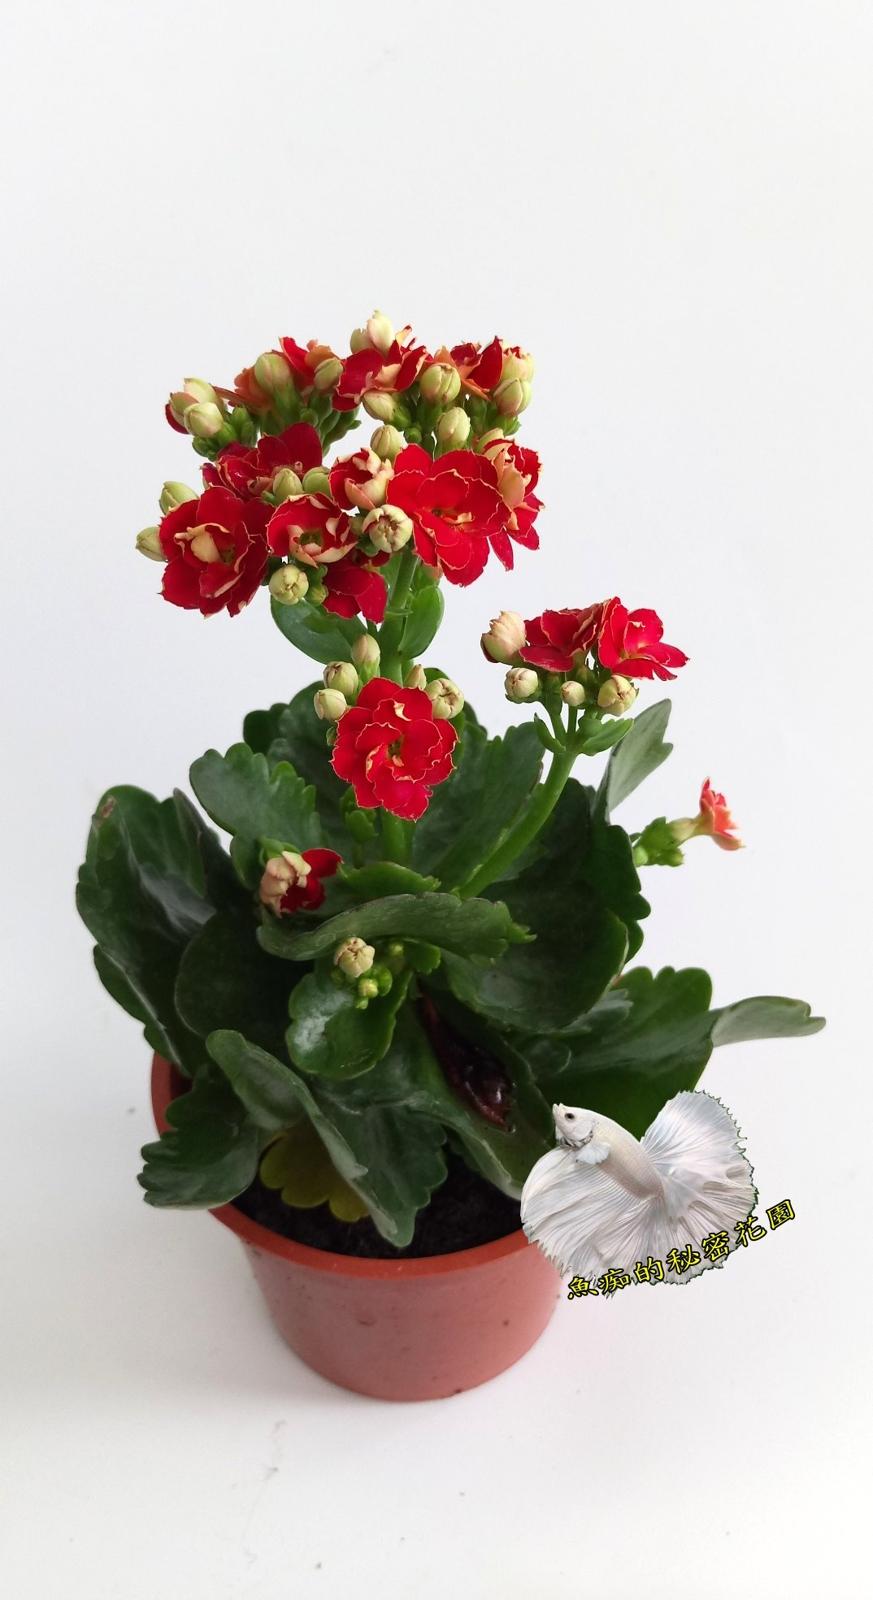 [紅色] 重瓣複辦多辦長壽花盆栽  3吋盆活體盆栽